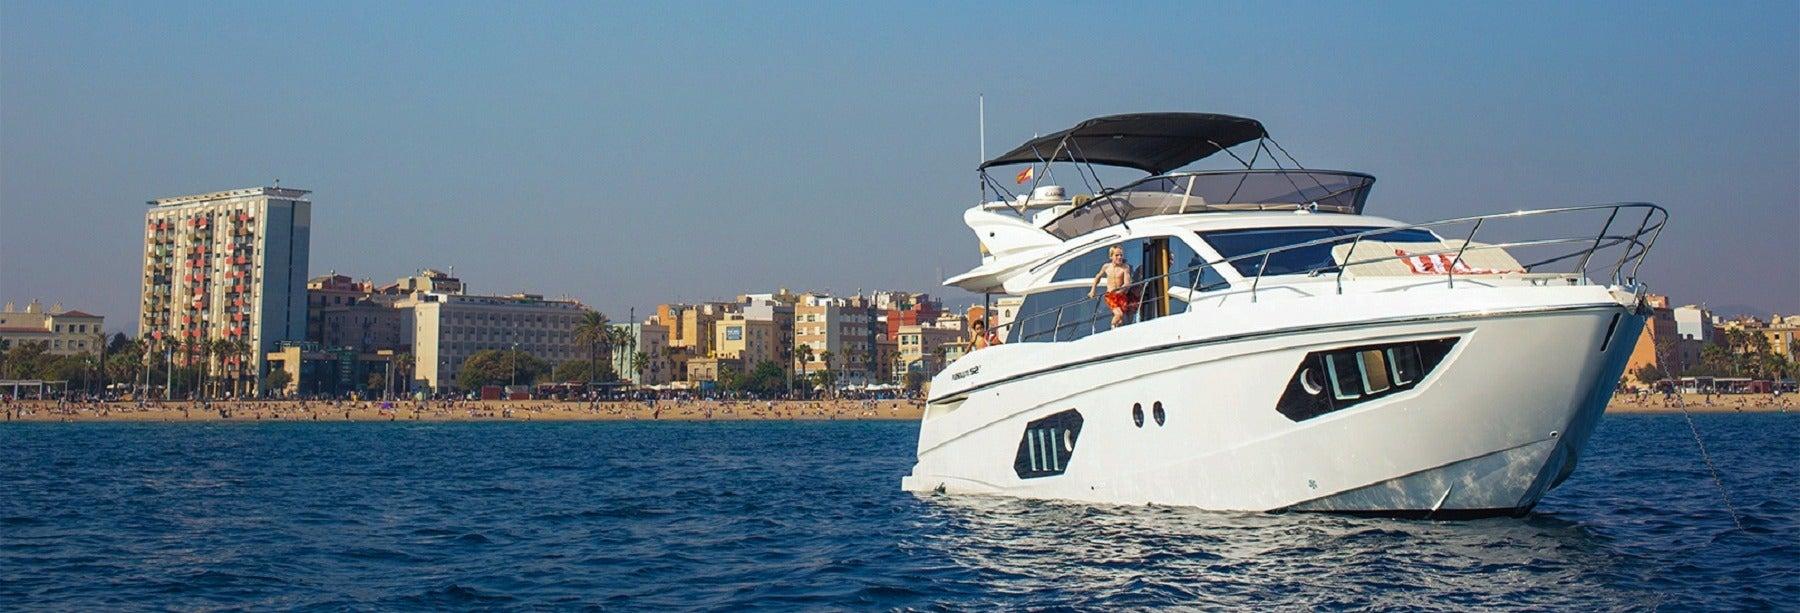 Noleggio di imbarcazione privata con skipper